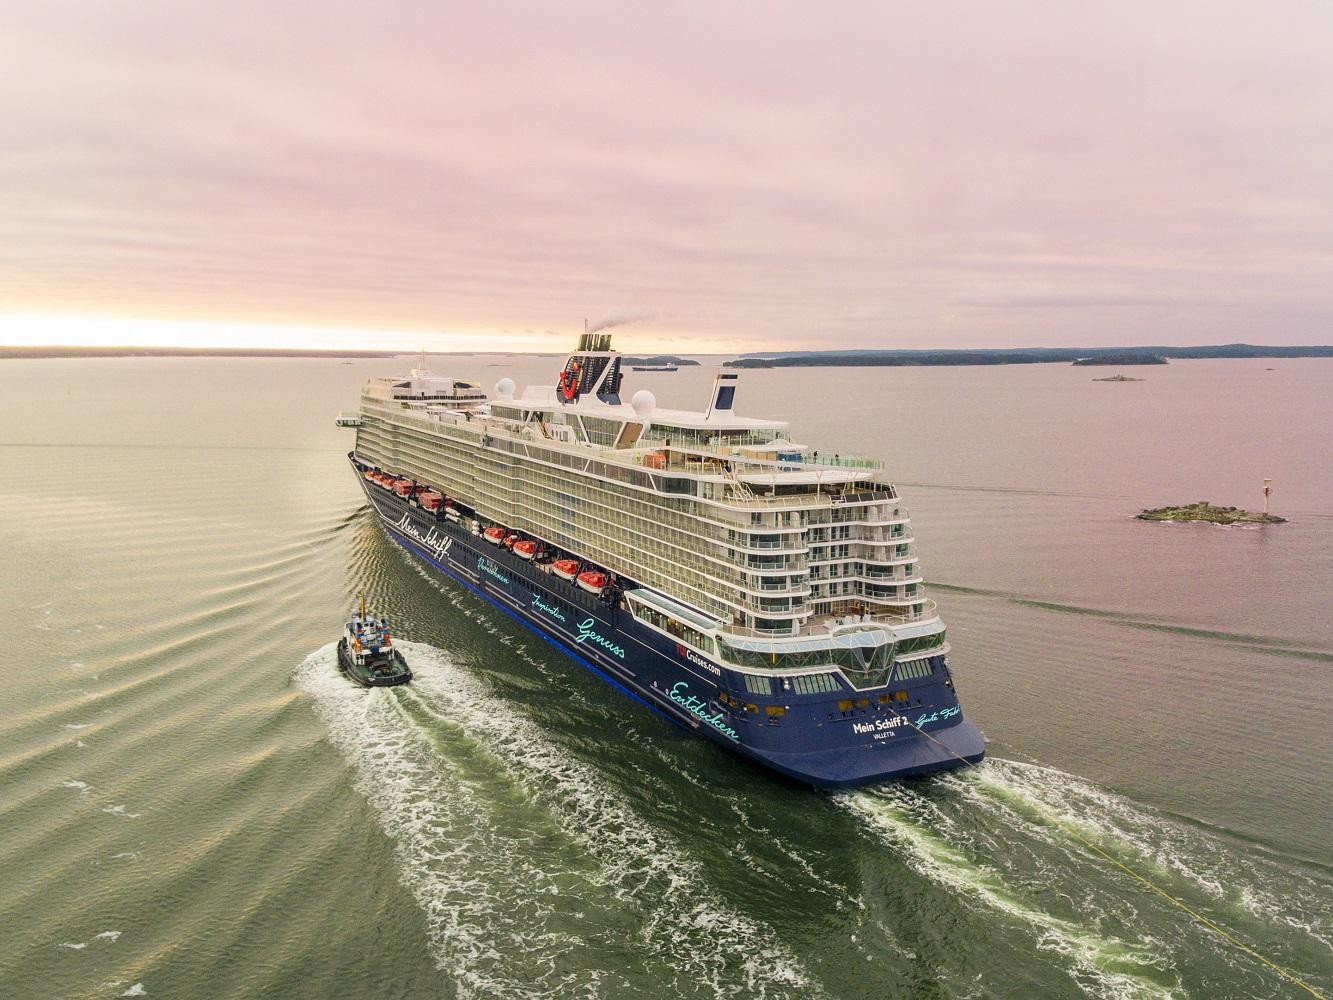 Jetzt mit der neuen Mein Schiff 2 auf Kreuzfahrt gehen